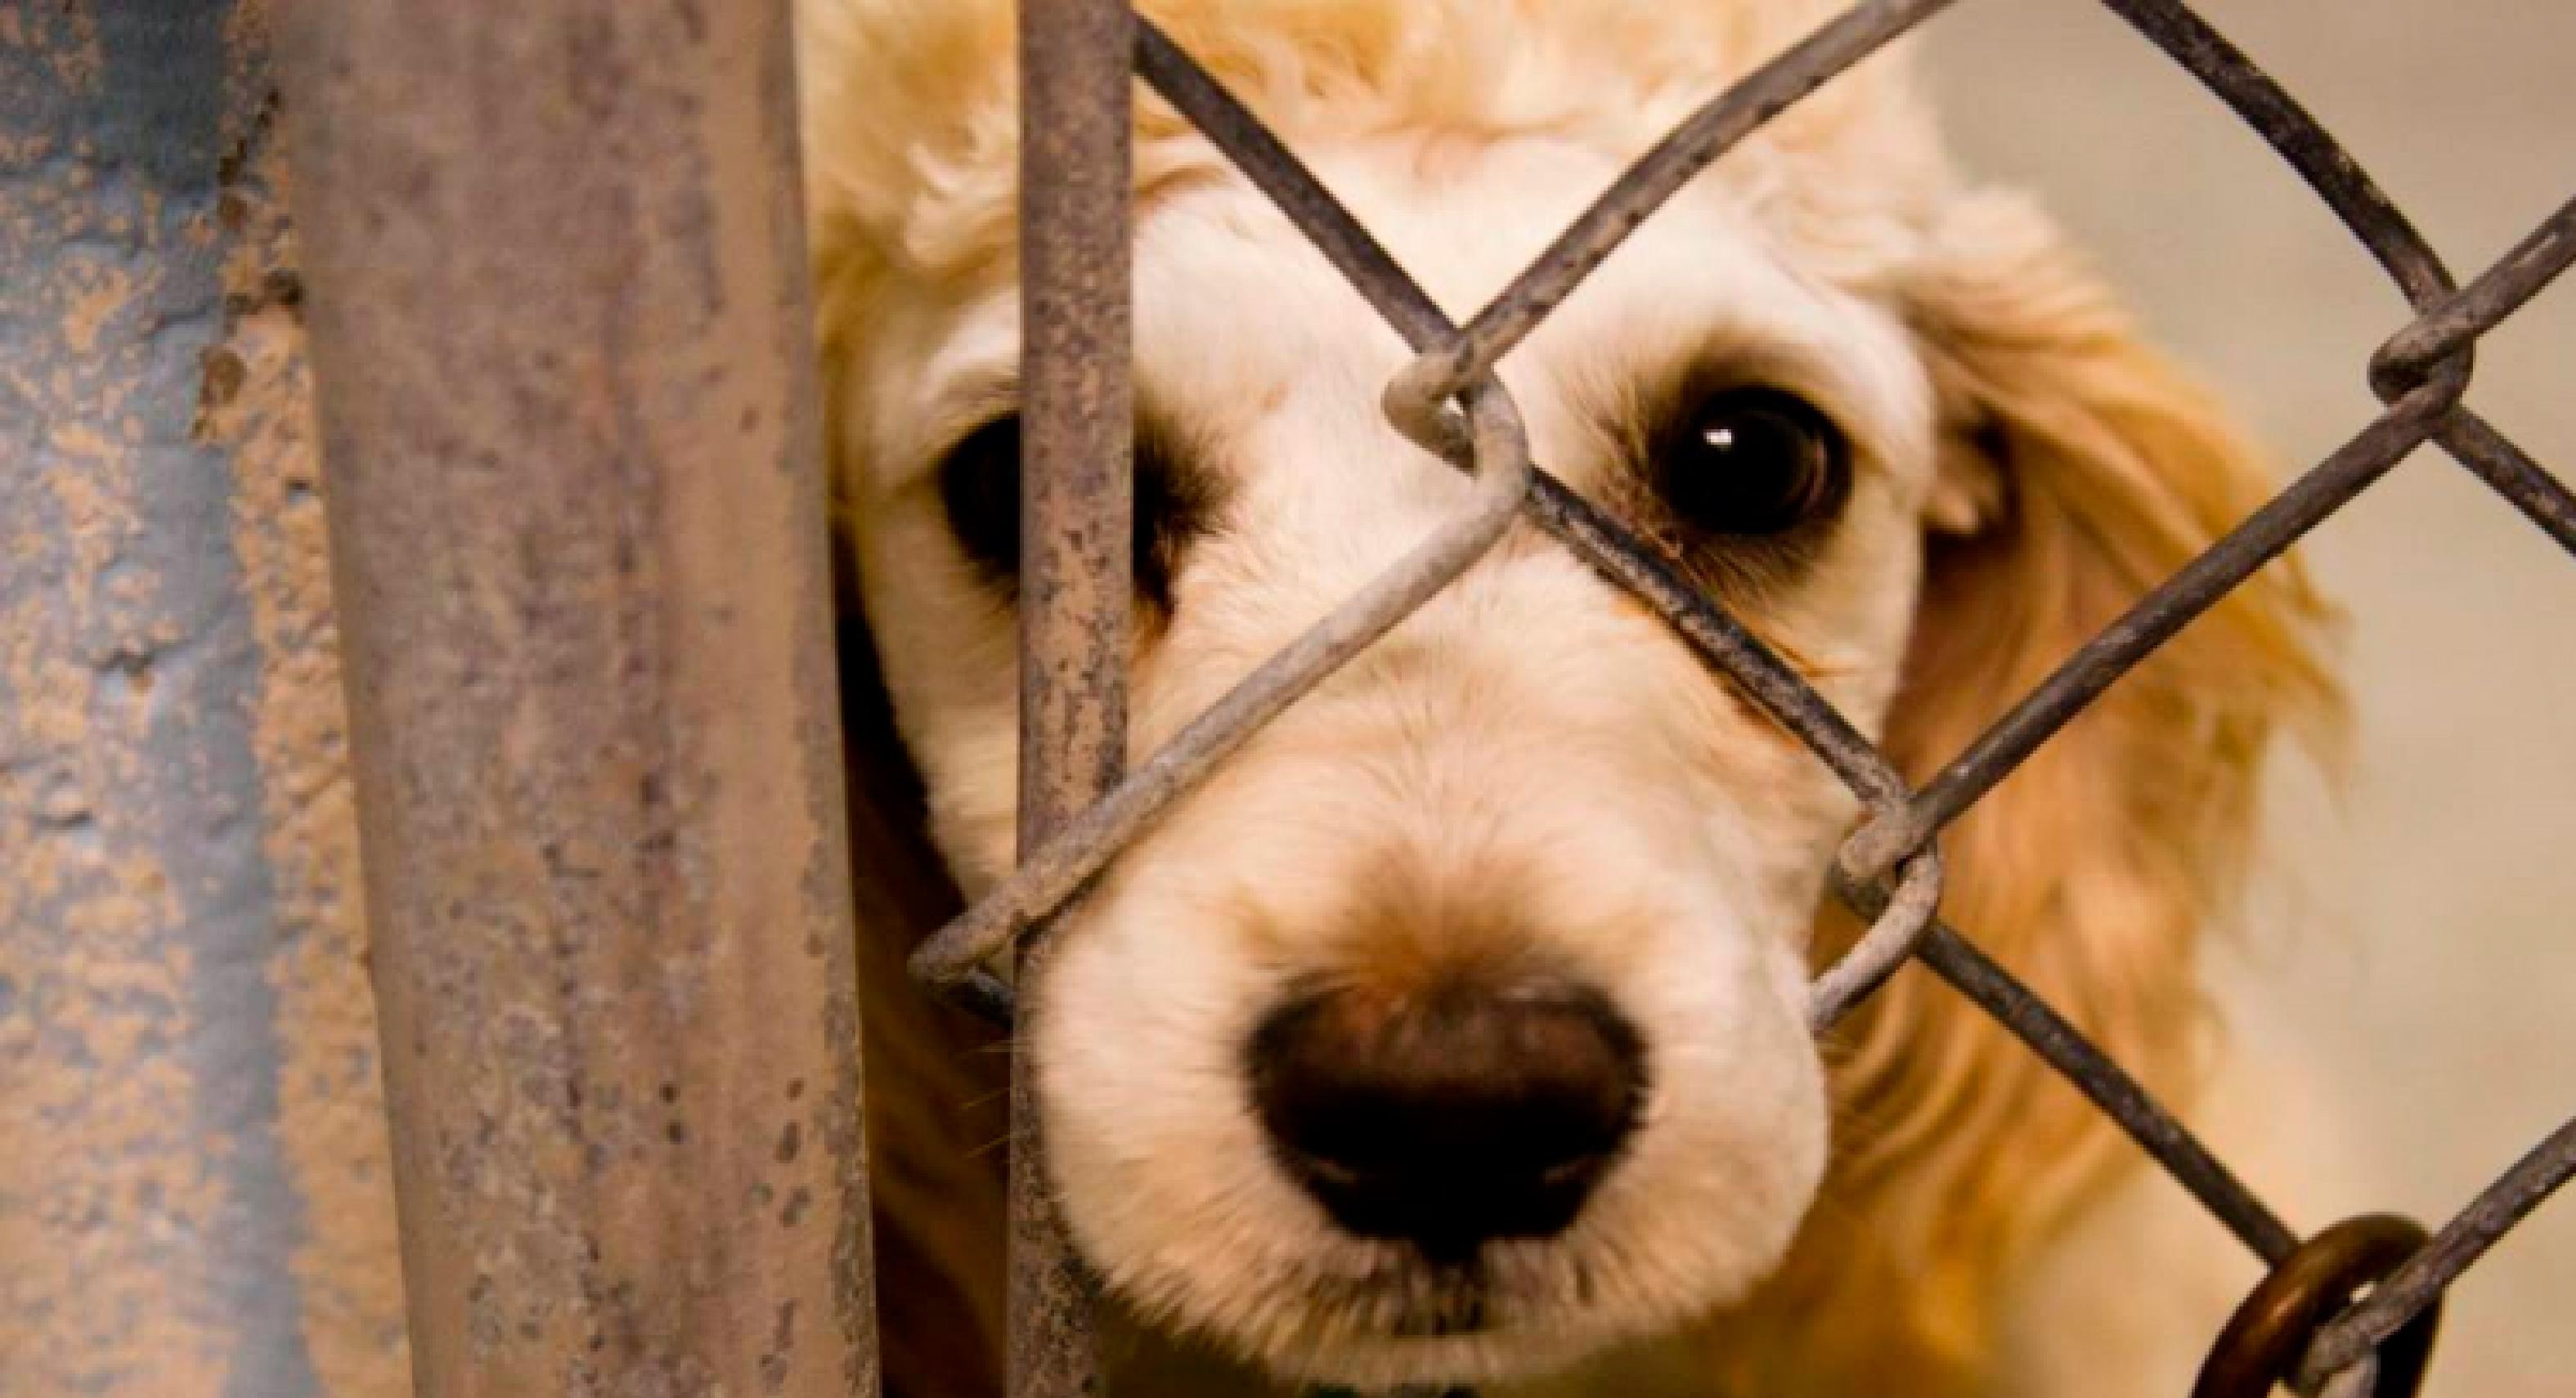 Plantean aumentar pena a agresores de maltrato animal